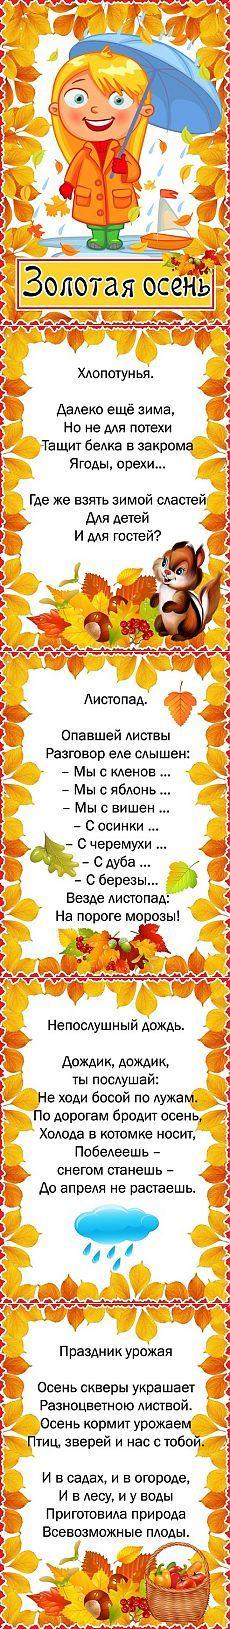 Стихи про осень - Поделки с детьми   Деткиподелки